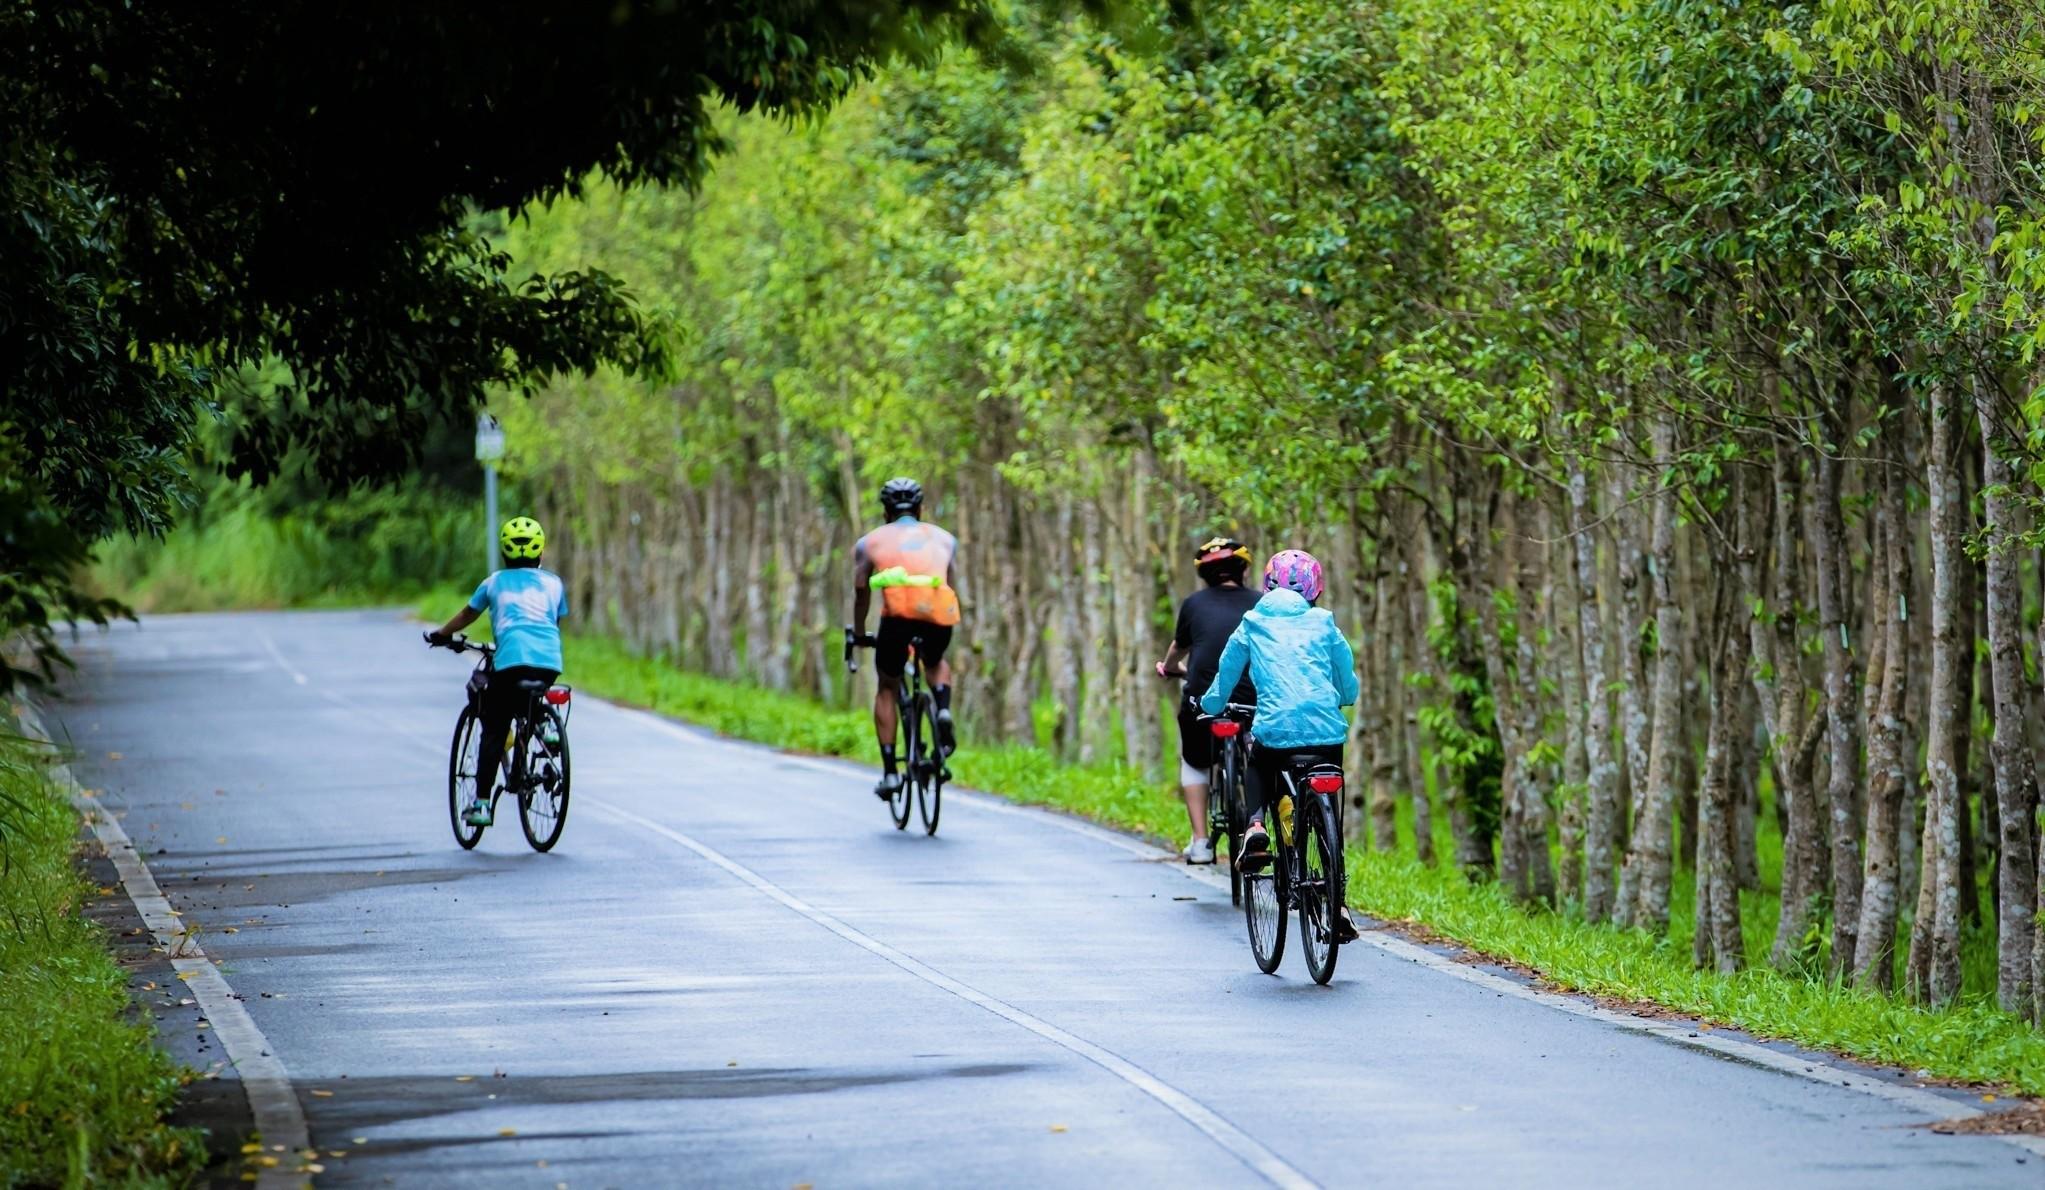 運動旅遊可以親近自然與鄉村、遠離群聚風險,是隔離後舒展身心之首選。